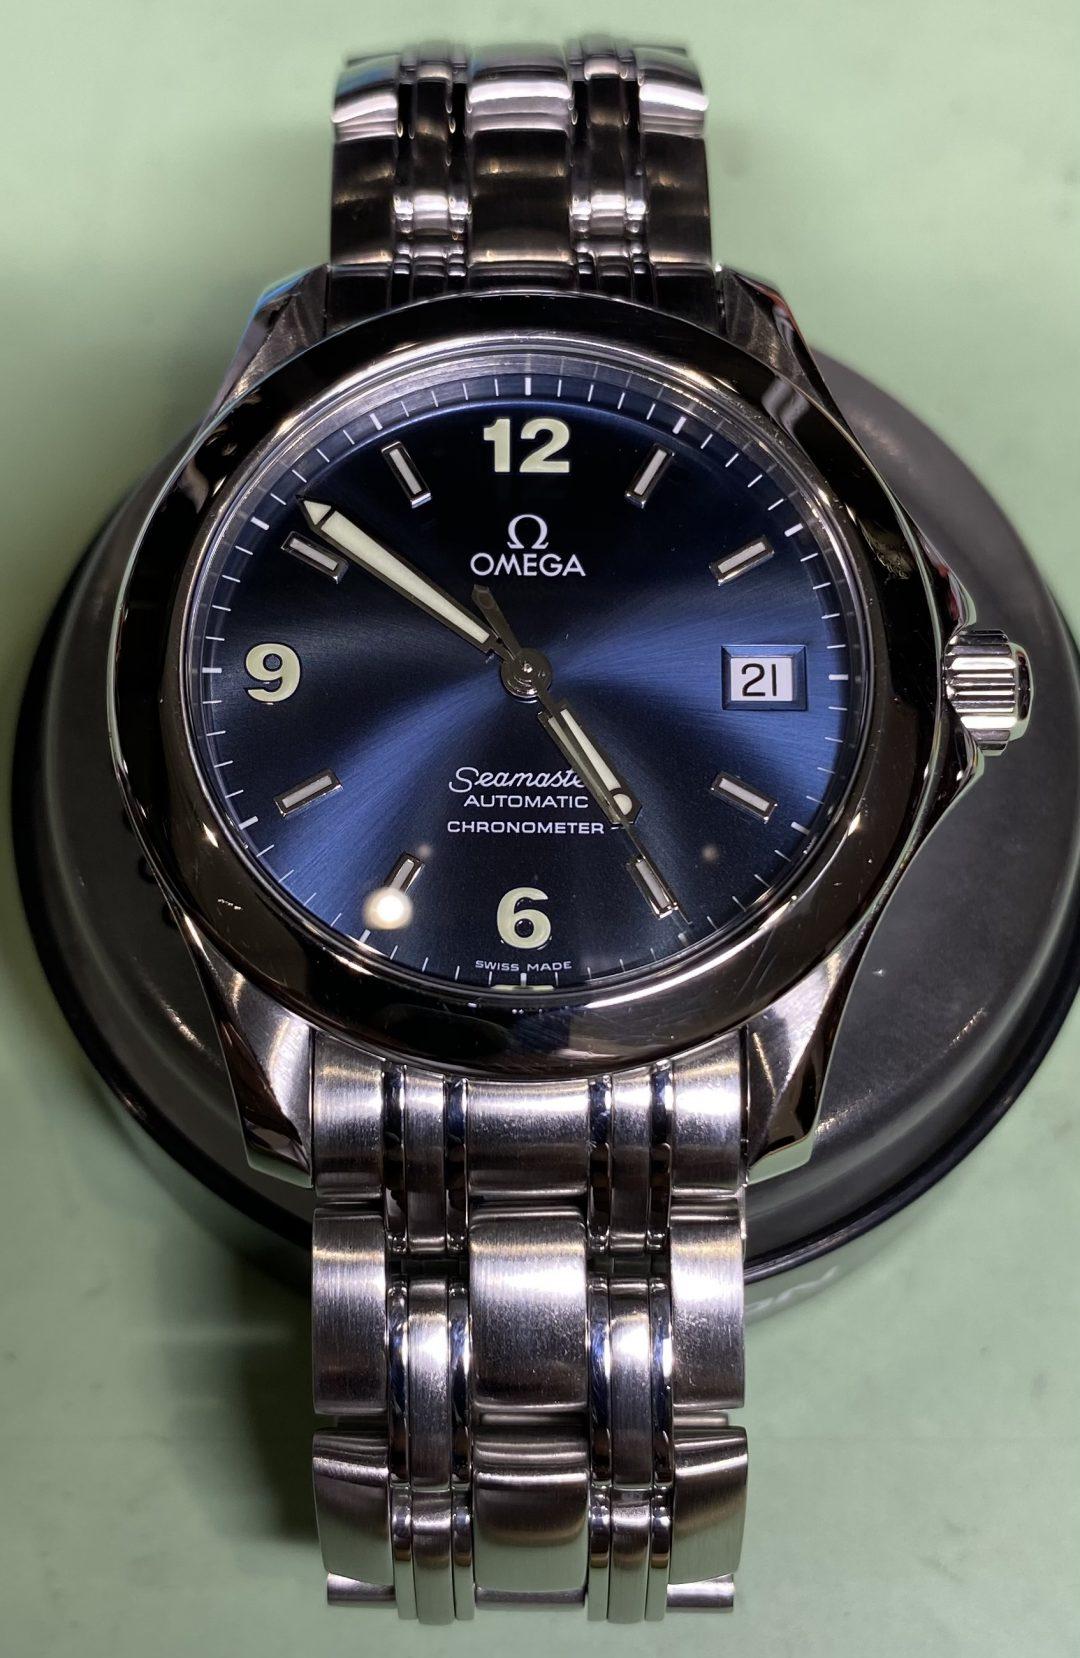 OMEGA-オメガ- Seamaster Ref.168.1601のオーバーホール(分解掃除)やポリッシュ加工(外装磨き)は新潟市にある時計修理工房までお越しください。